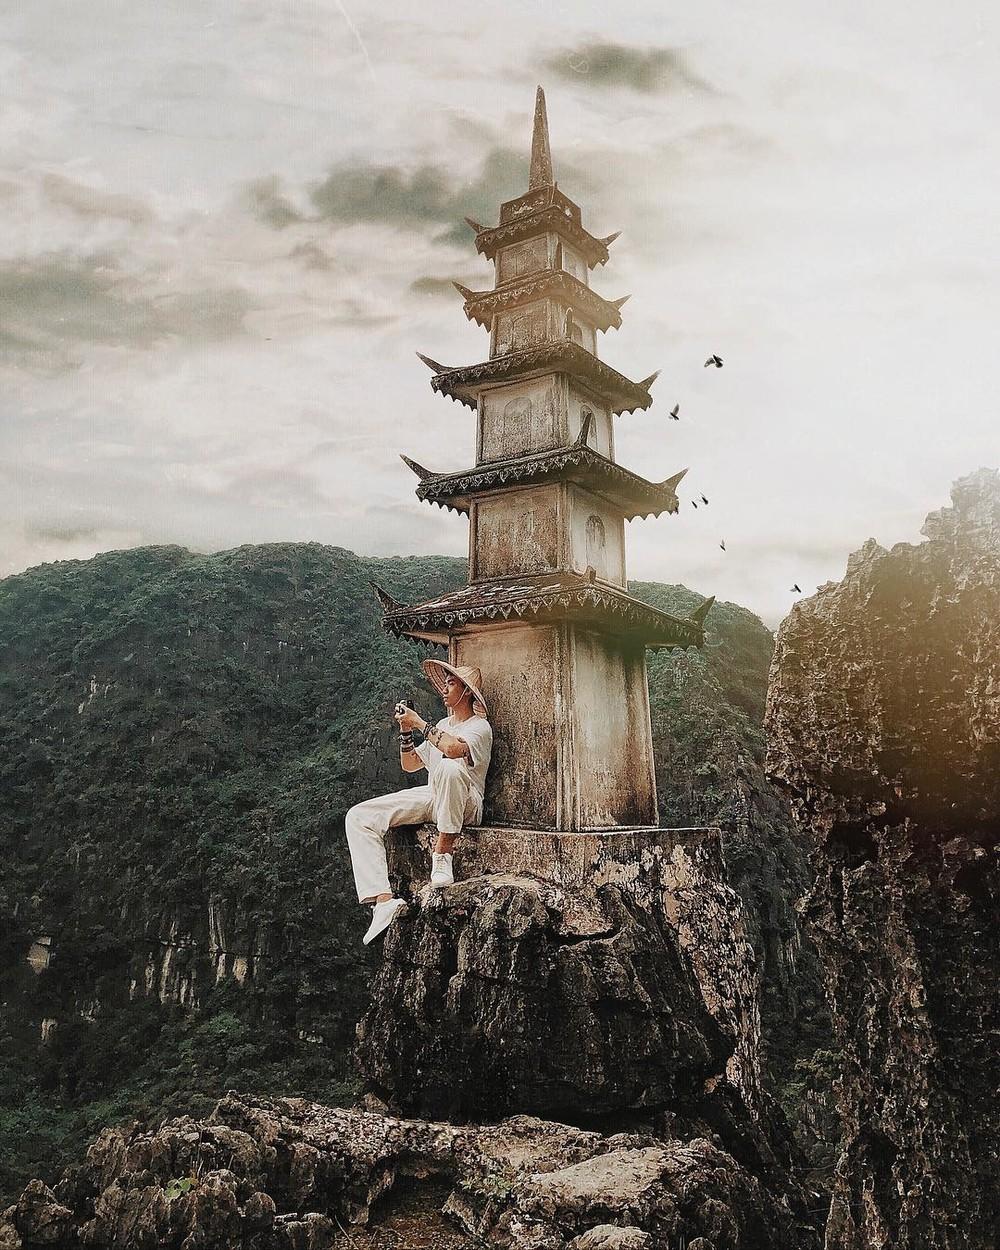 Tọa độ check-in hot nhất ở Ninh Bình: Hùng vĩ và ảo diệu không thua gì cảnh phim cổ trang - Ảnh 9.